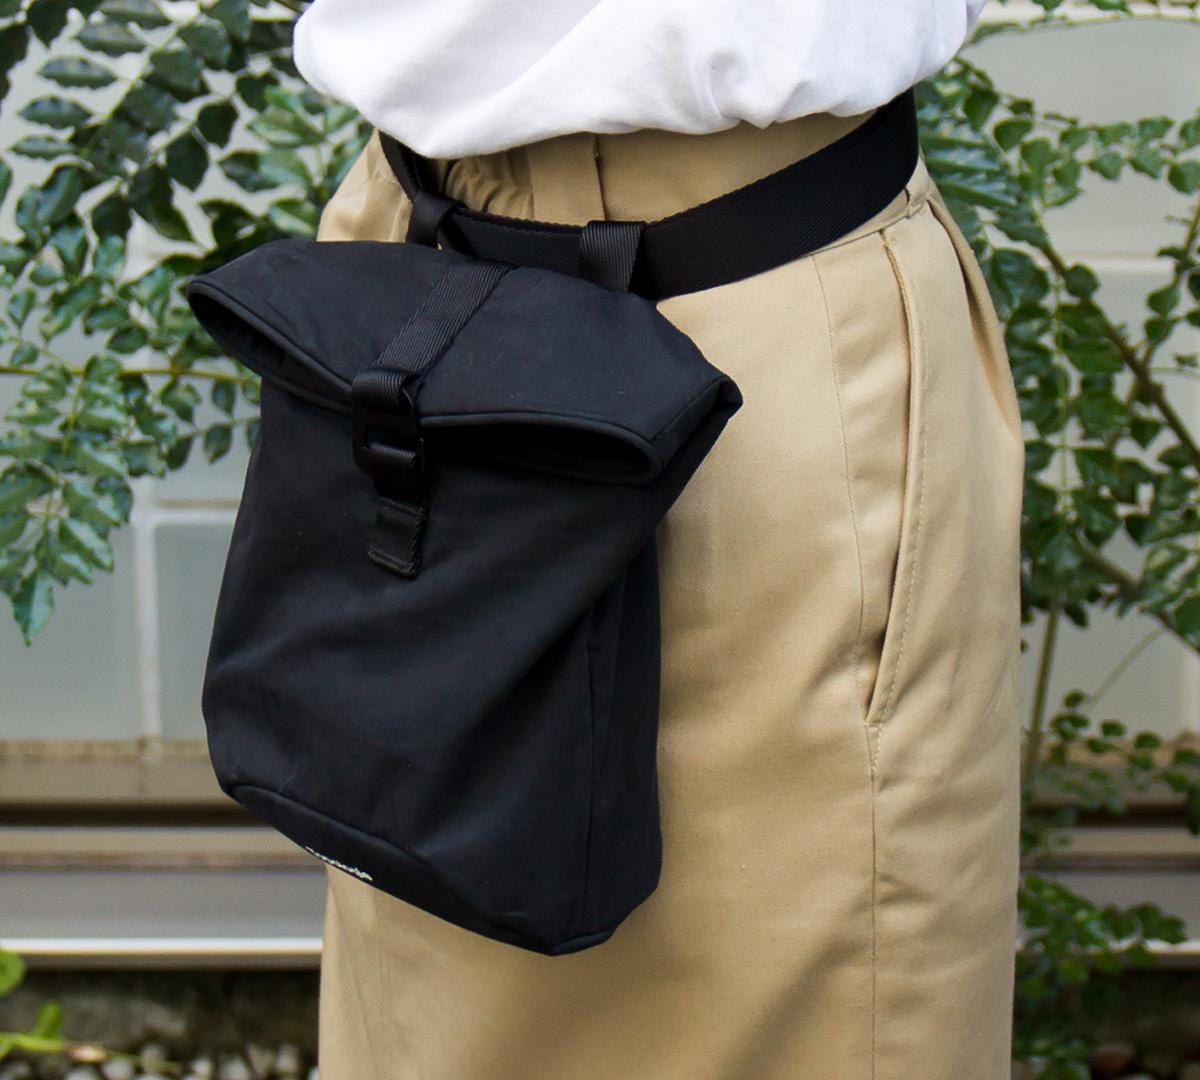 ウエストバッグ|アウトドアやフェス、バックパック使用時のサブバッグにおすすめ|超軽量、動きを邪魔しない、荷重を分散、ミニマムデザインの4WAYウエストバッグ | Topologie